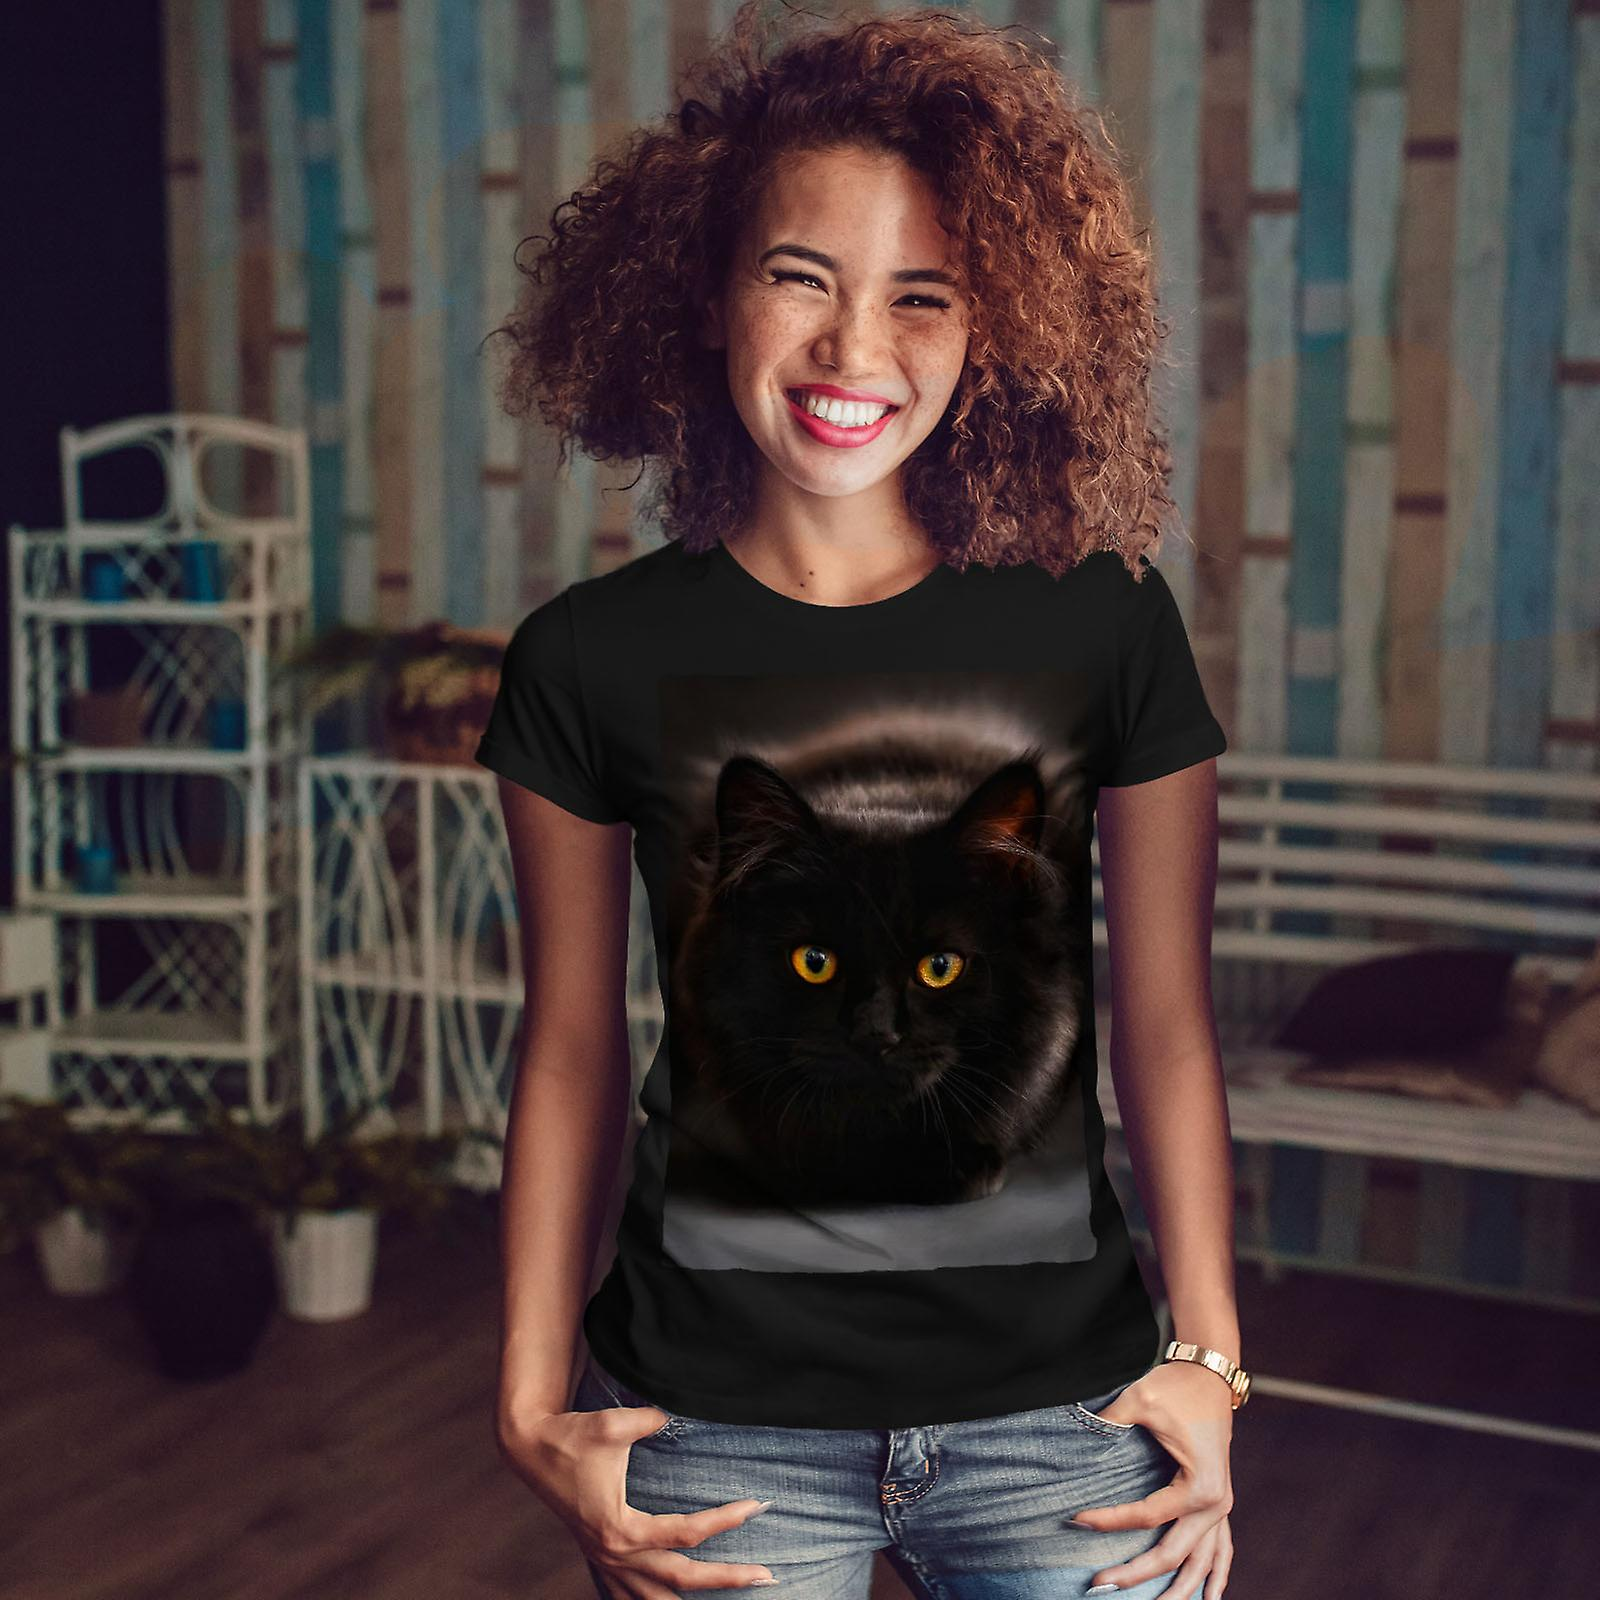 svart katt fitta